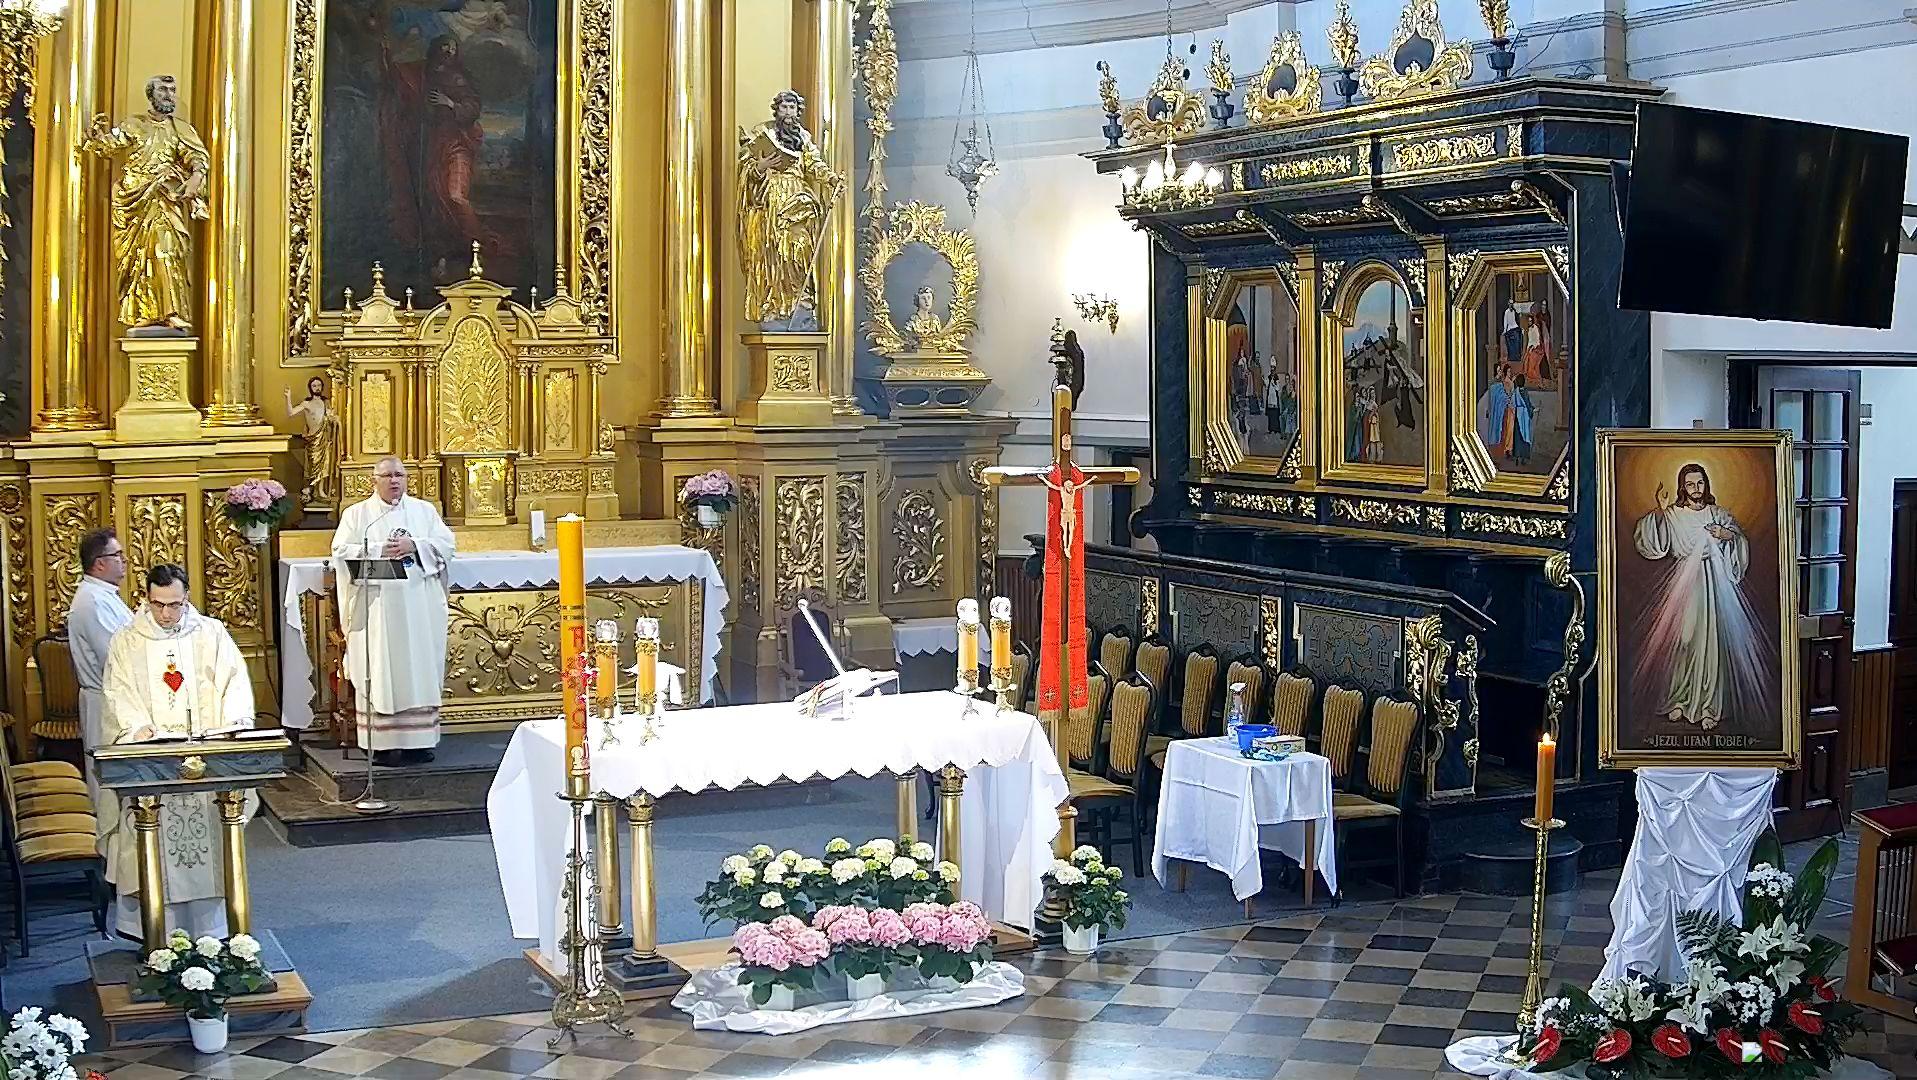 Parafia p.w. Świętego Jakuba Apostoła Skaryszew